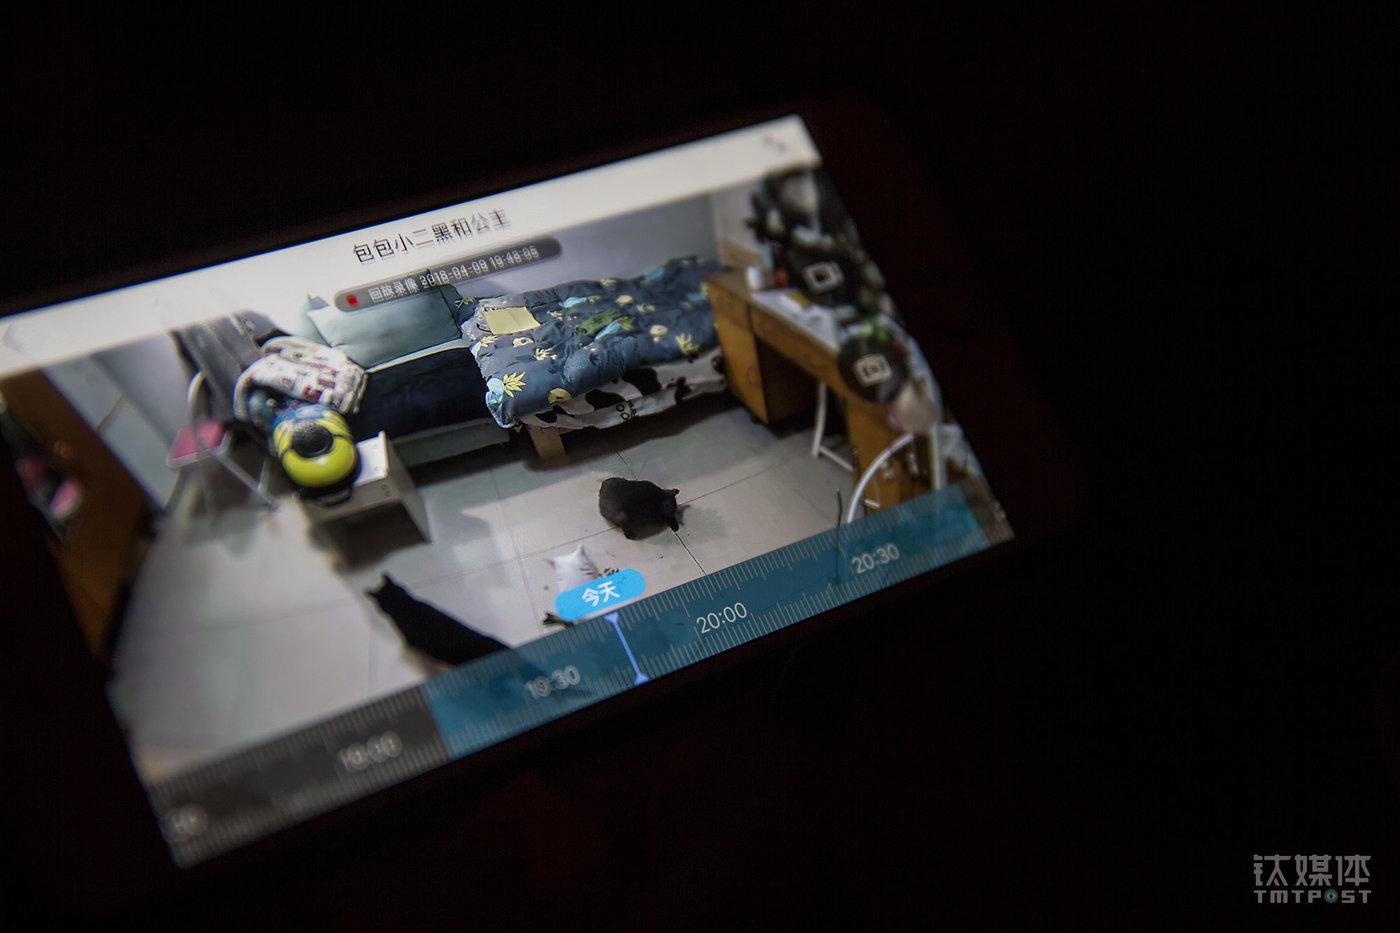 北京望京,钛媒体电商平台钛空负责人Julia透过360摄像头观察家里的3只猫。